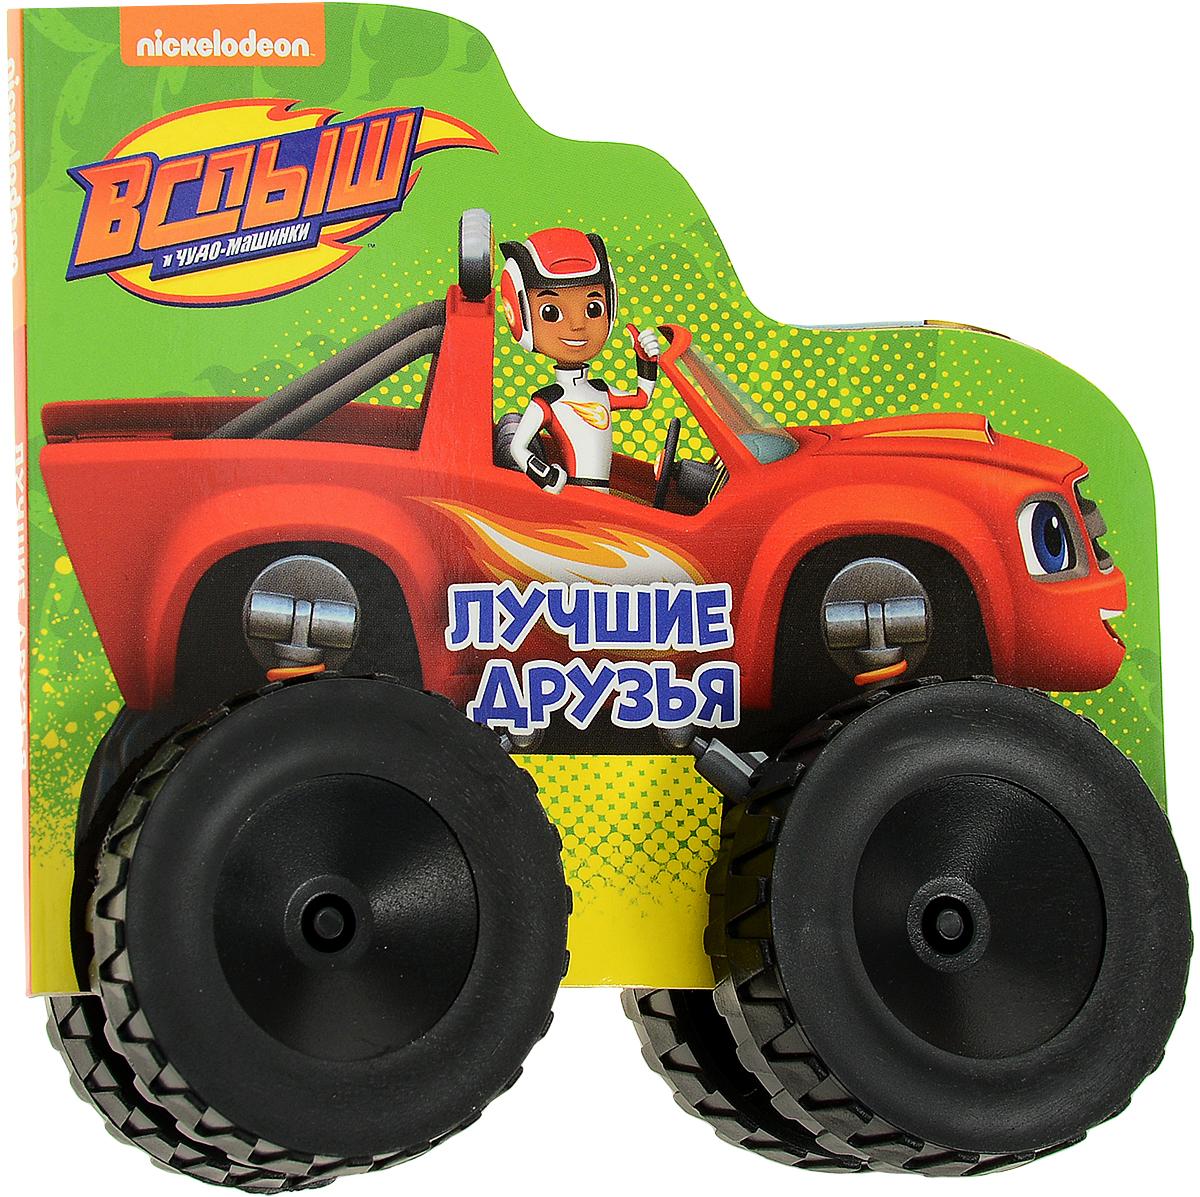 Вспыш и чудо-машинки. Колесики. Лучшие друзья машинки tomy трактор john deere 6830 с двойными колесами и фронтальным погрузчиком